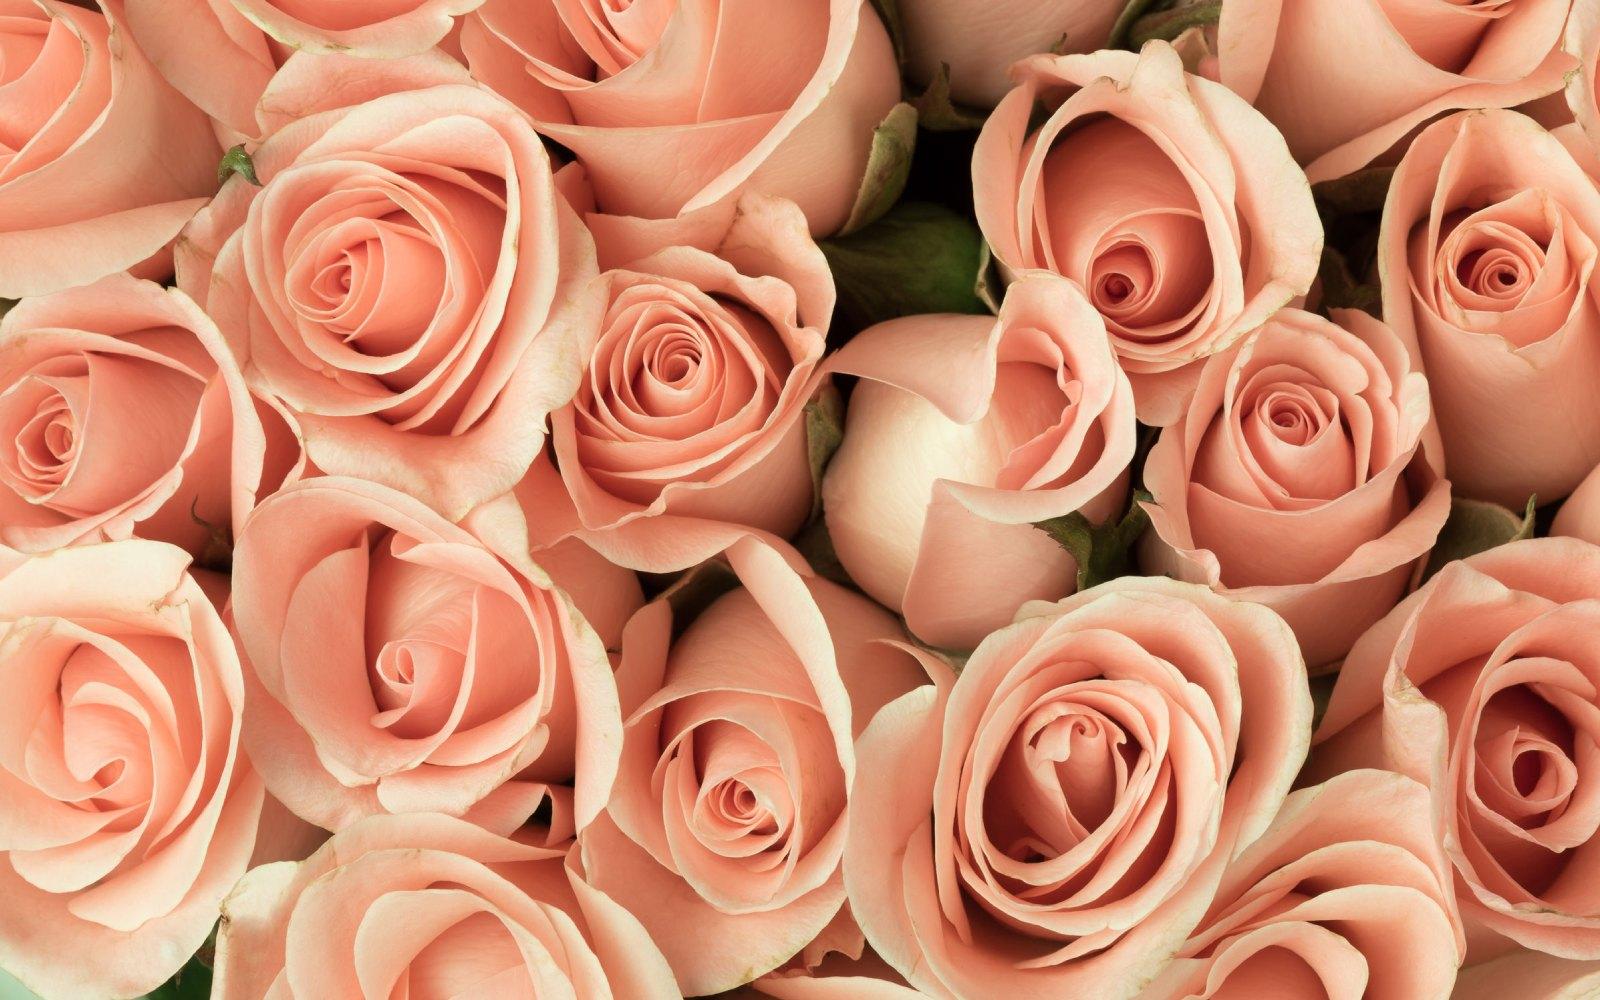 Significado del número de rosas en un ramo